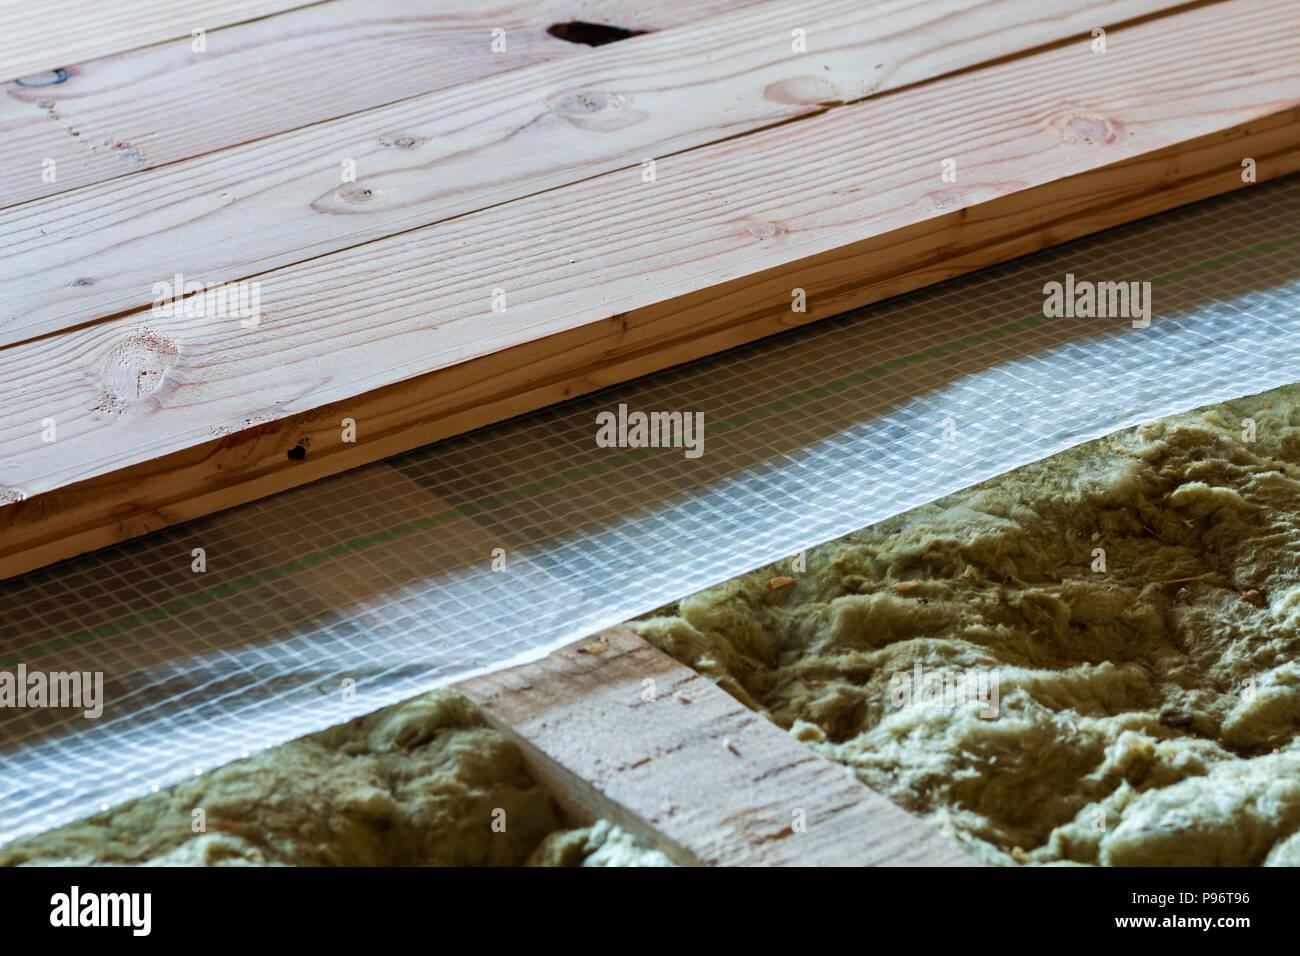 Holzfußboden Von Unten Isolieren ~ Holzfußboden von unten isolieren drei schwarze rahmen hängen